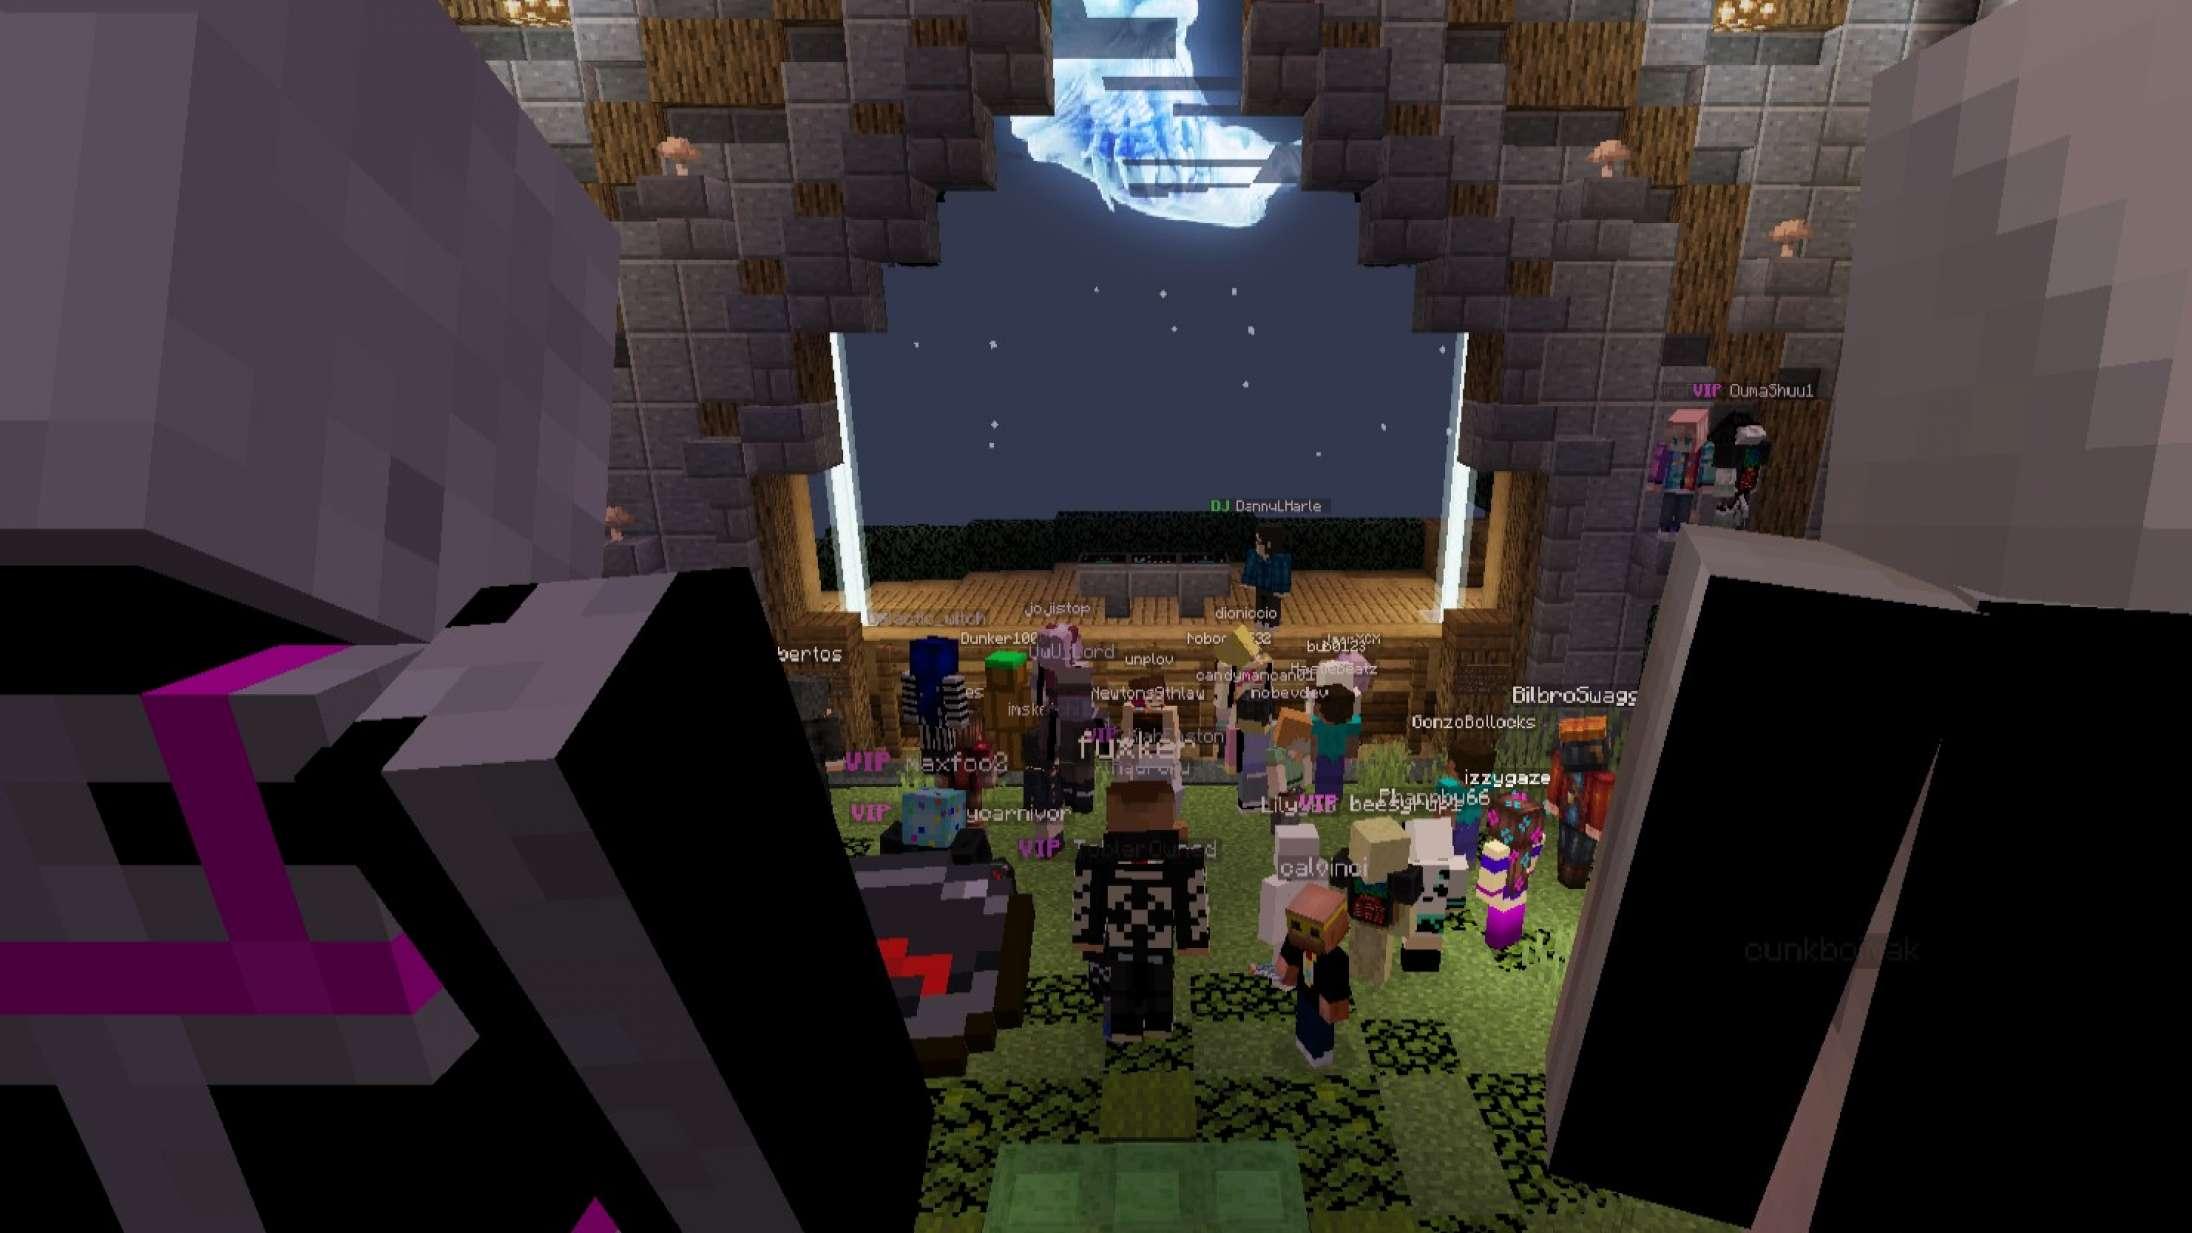 Til musikfestival i 'Minecraft': Hold nu op, hvor var det befriende at være med i en virtuel moshpit